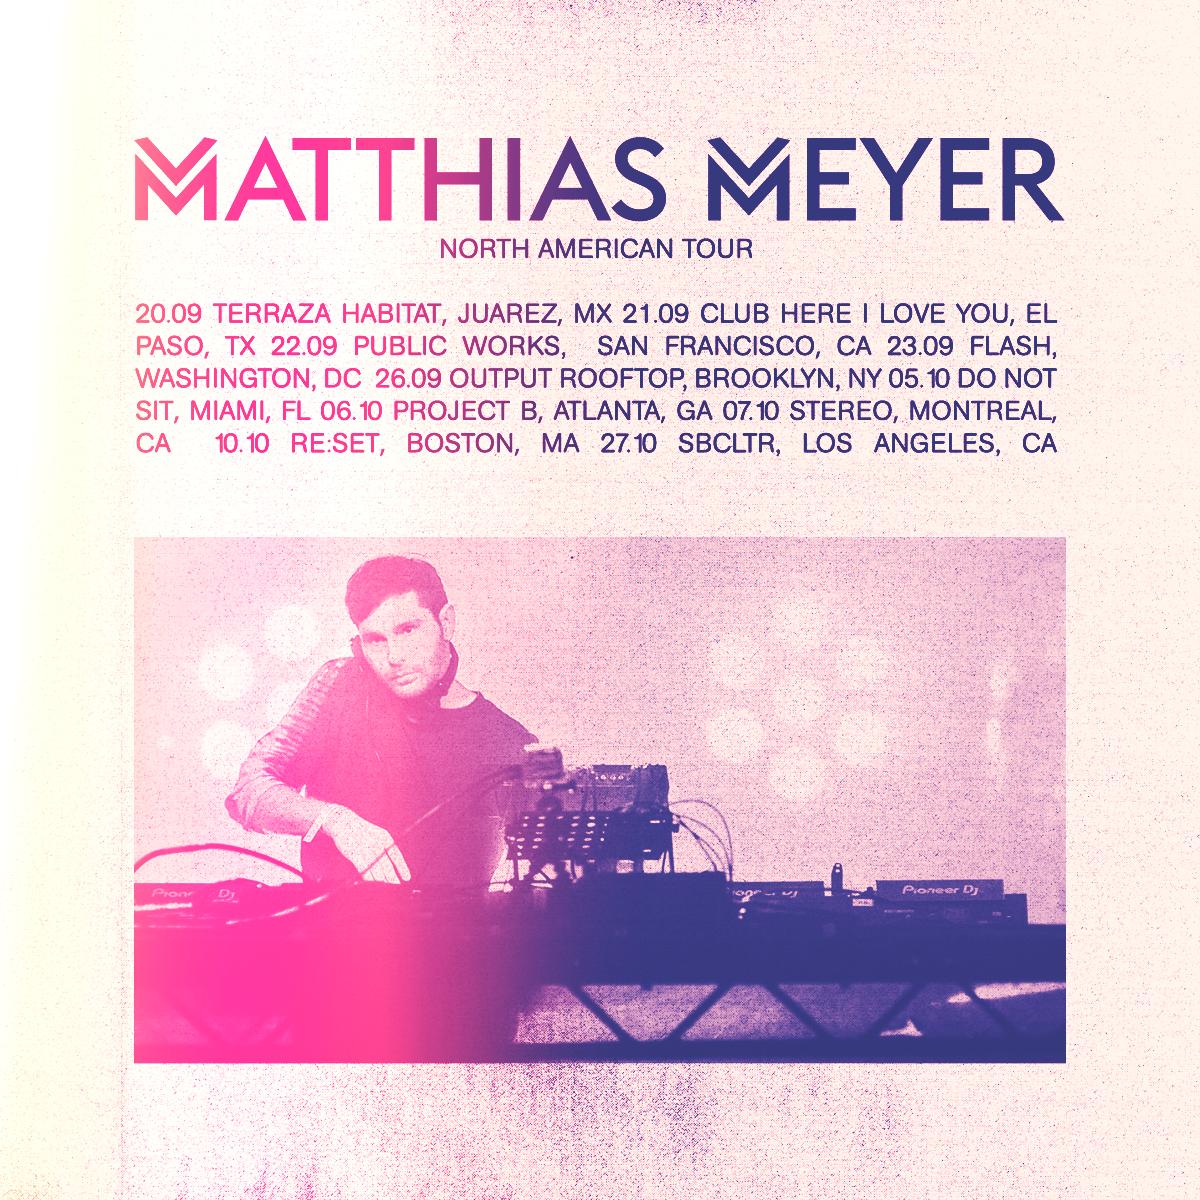 Matthias Meyer Tour.png